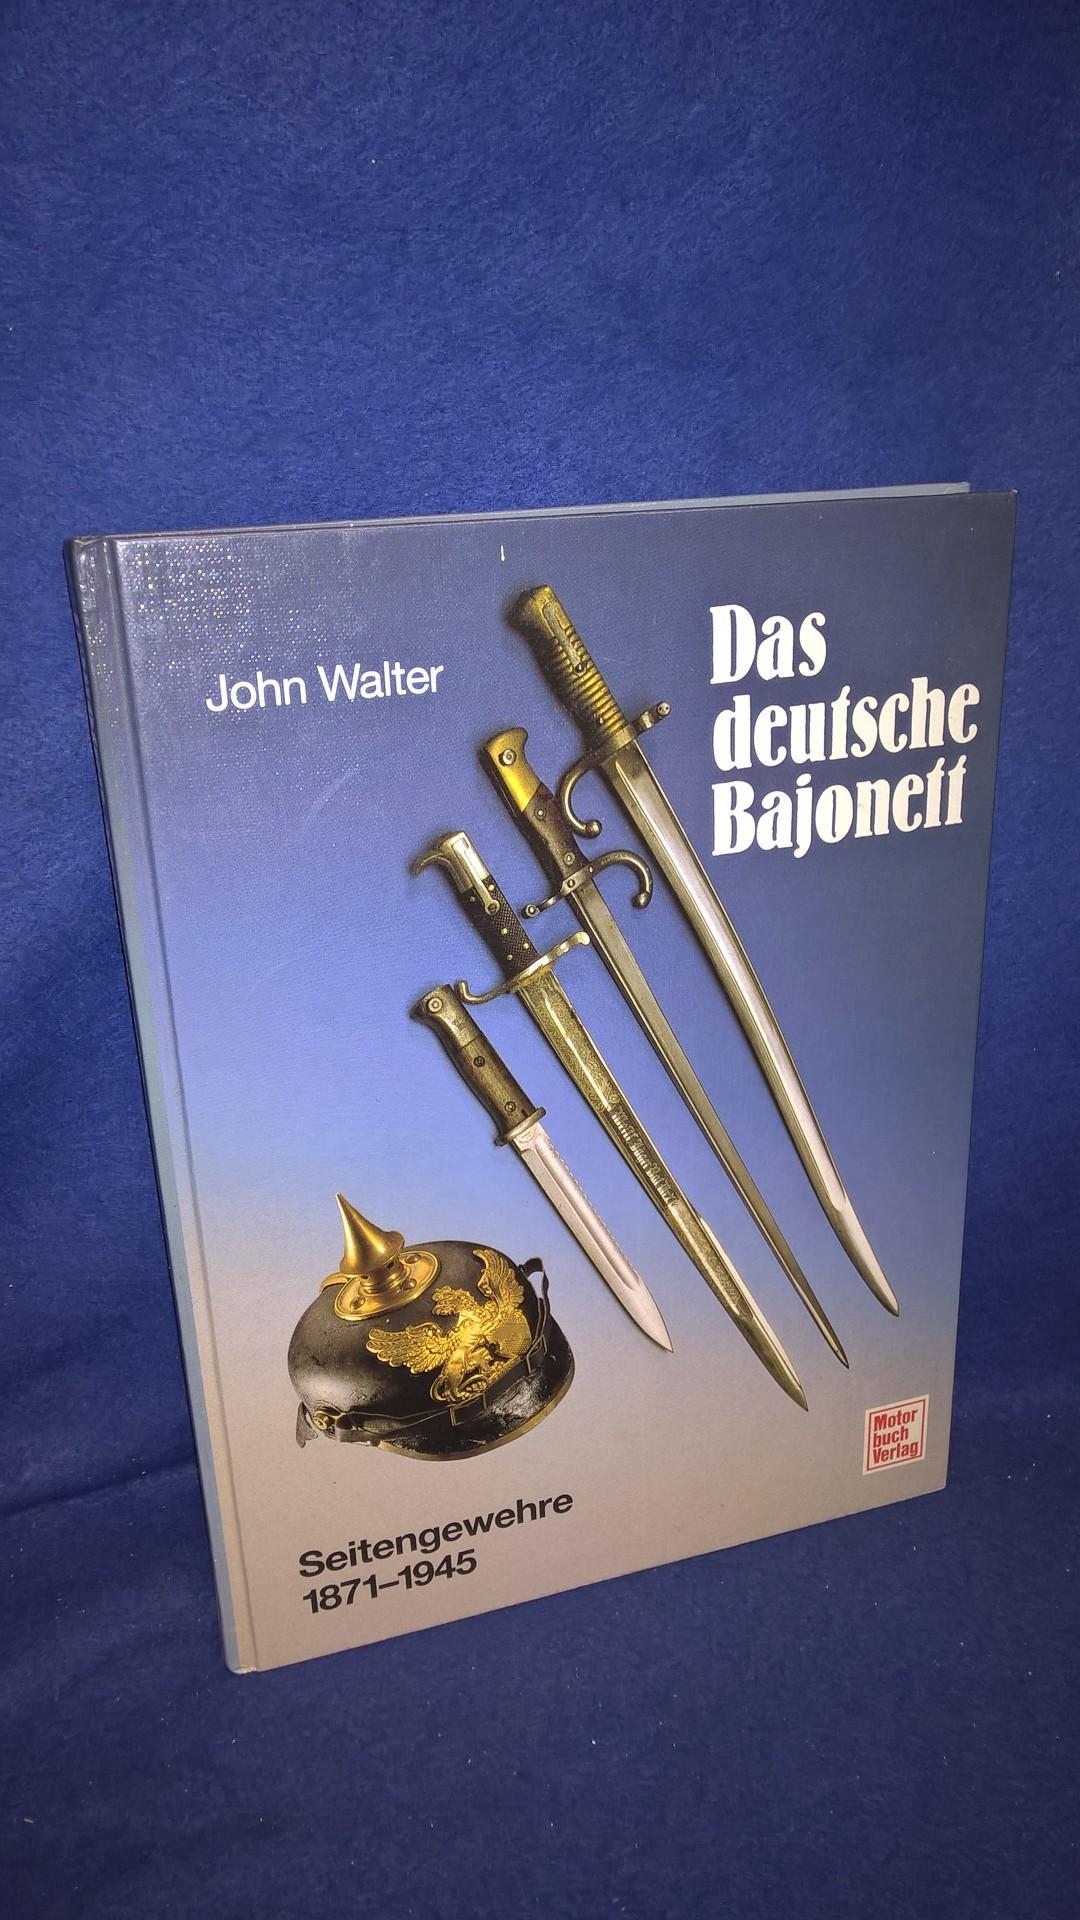 Das deutsche Bajonett. Seitengewehre 1871 - 1945.